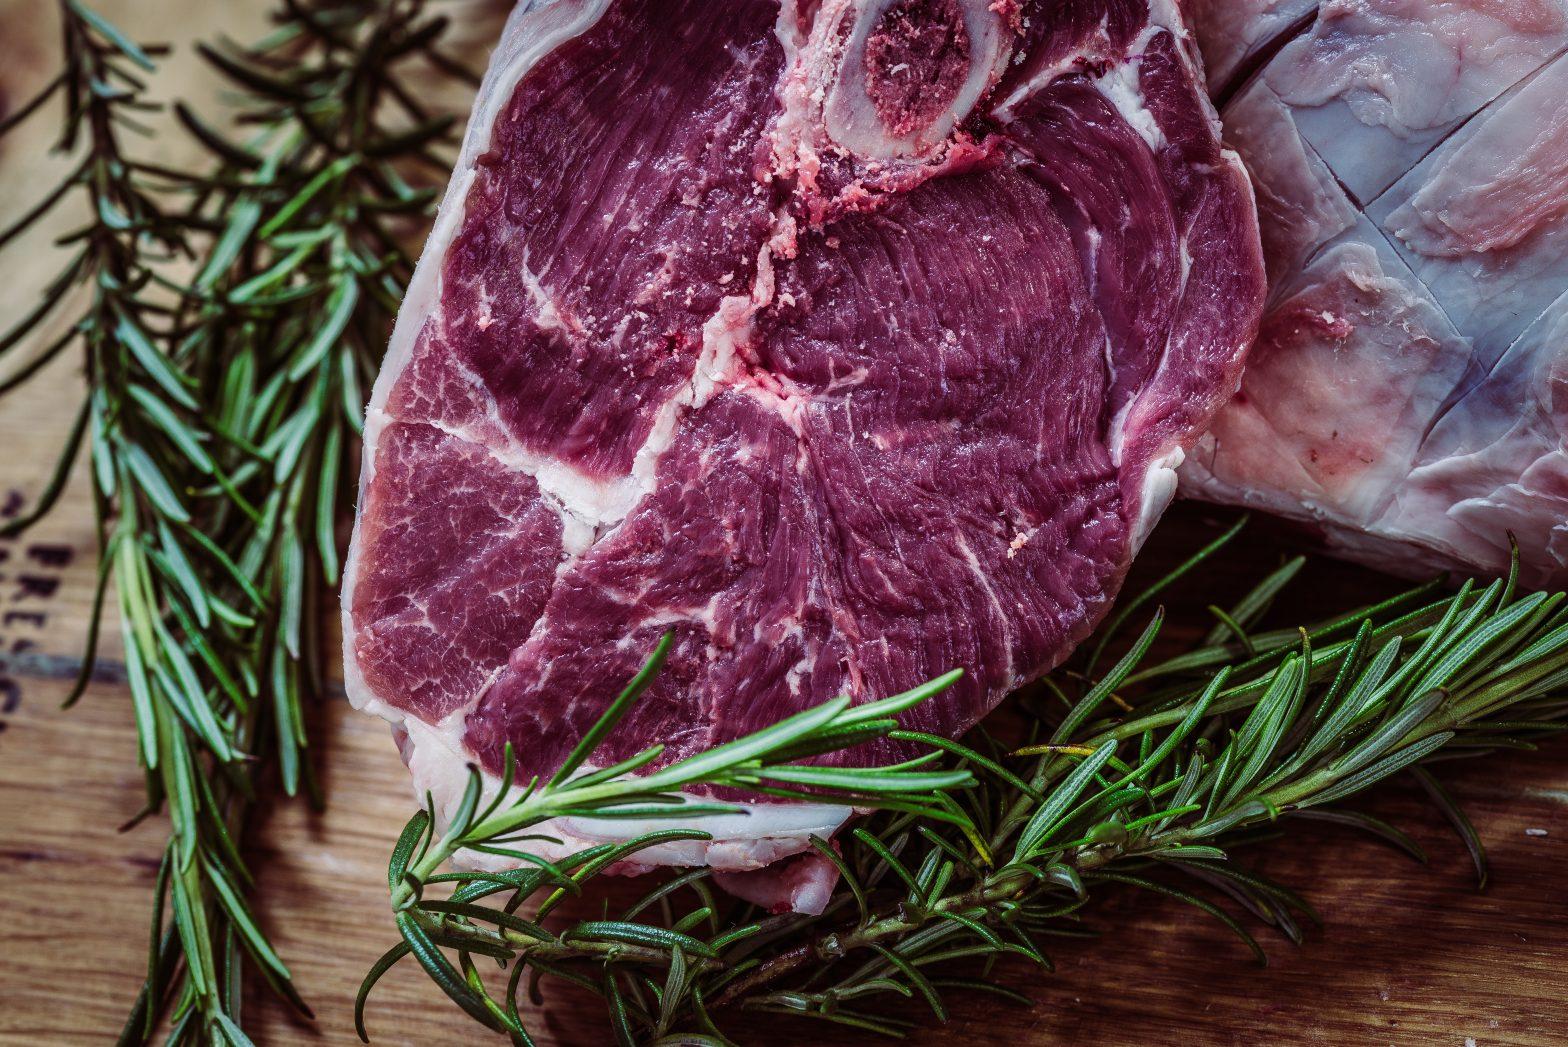 Ученые выяснили, что красное мясо вызывает рак… или нет?